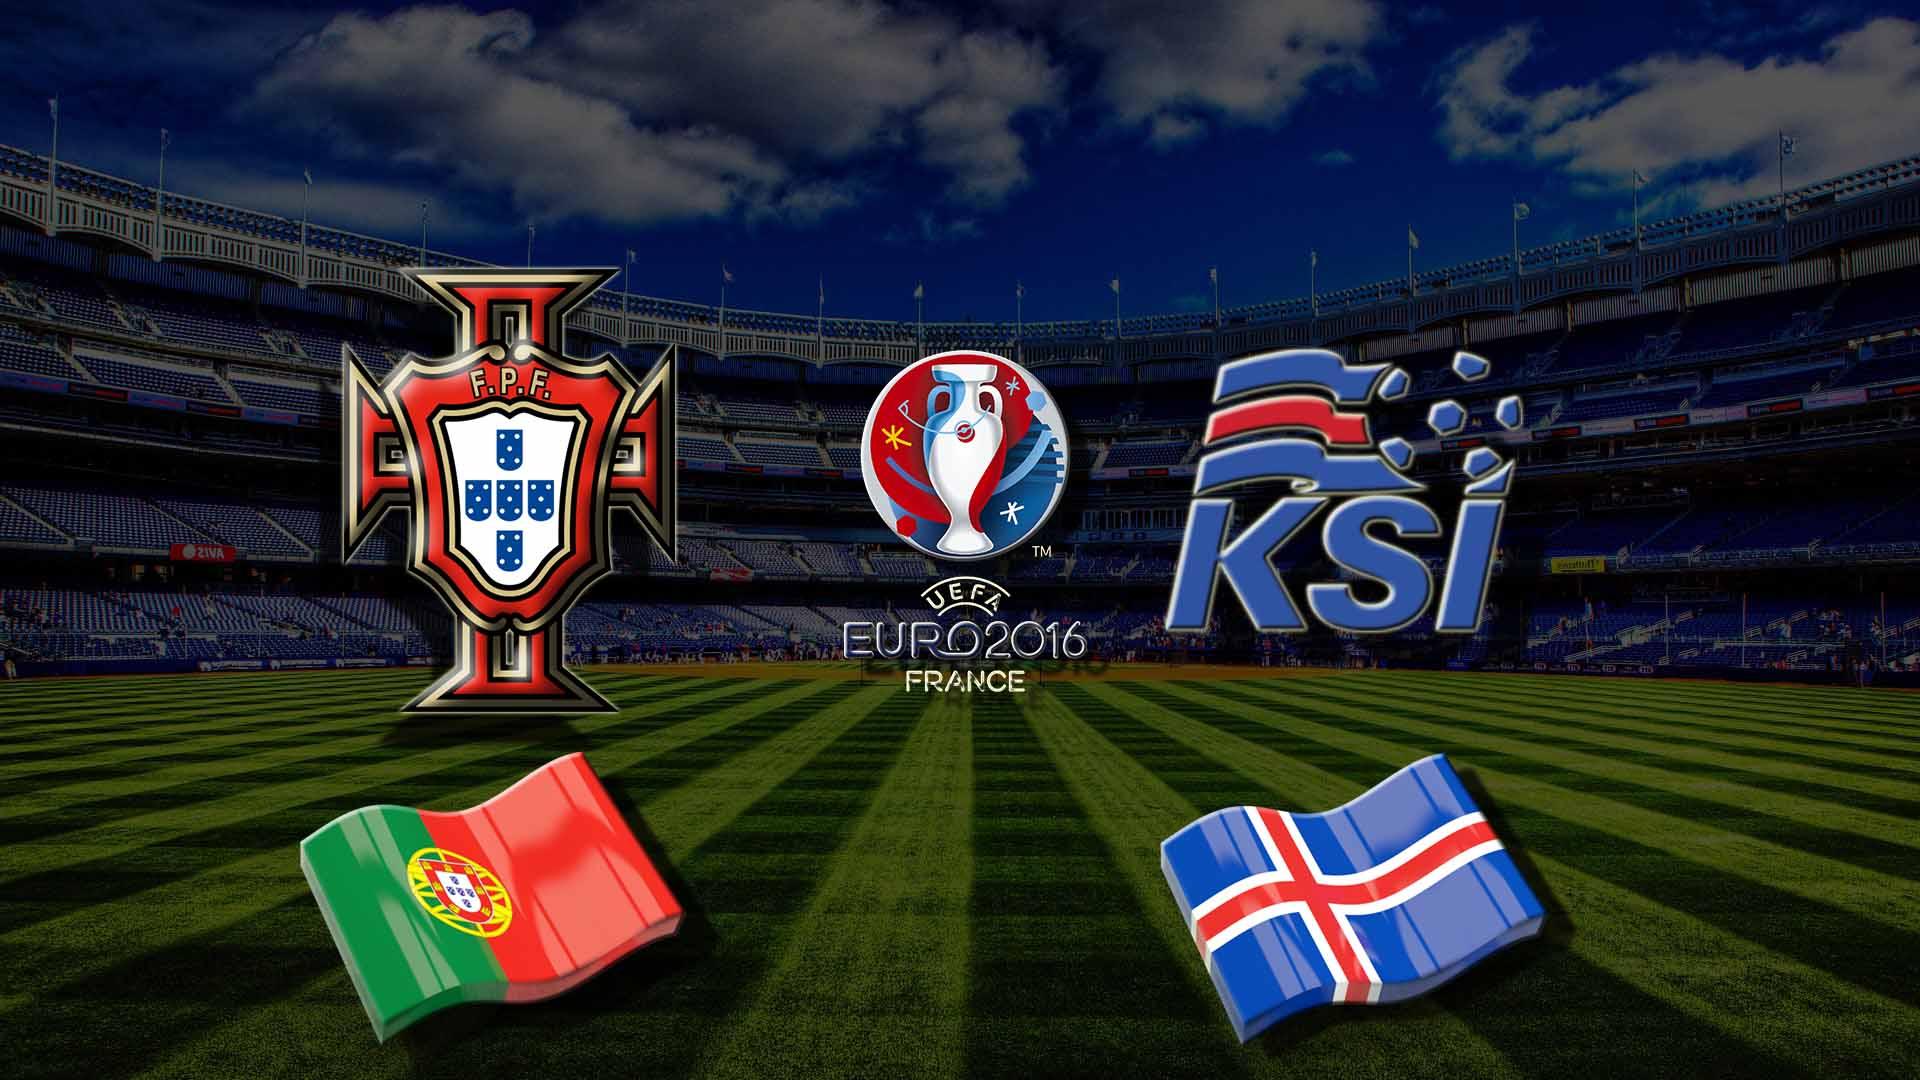 Прогноз на матч Португалия - Исландия Чемпионата Европы 2016